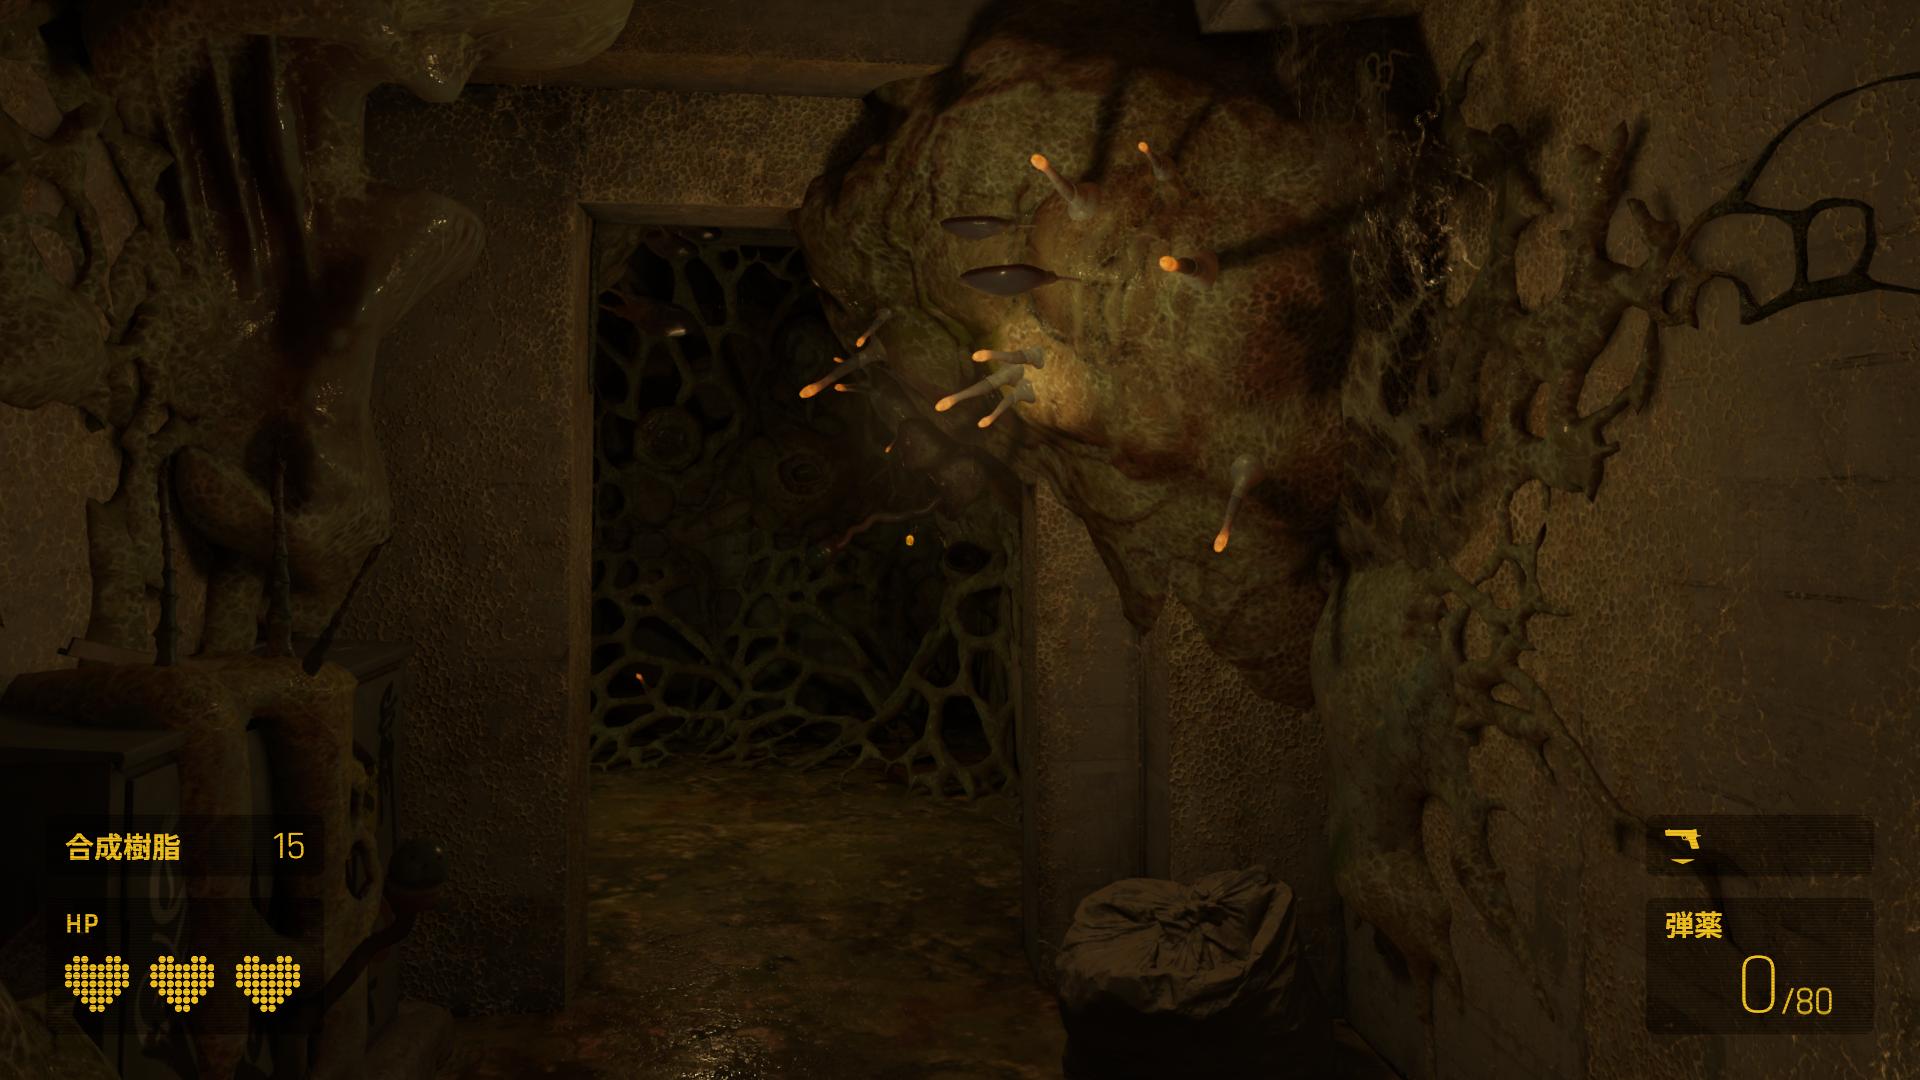 【Half-Life Alyx】はけっこう難しい!プレイ時間はどのくらい?